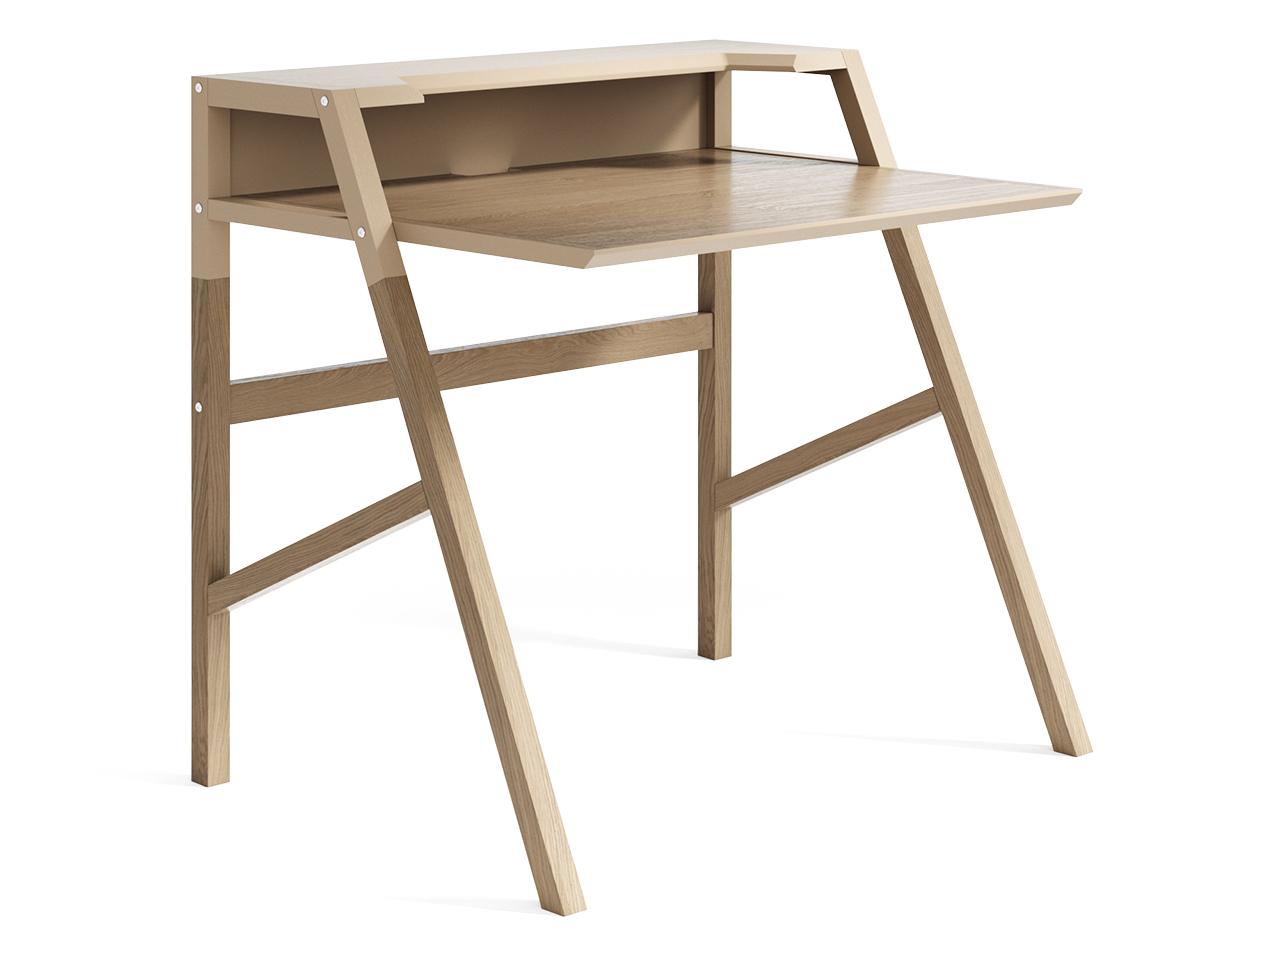 Рабочий стол Youk (осветленный)Обеденные столы<br>Компьютерный стол YOUK является воплощением идеи функциональности. Удобная рабочая поверхность, полка для канцелярии, углубление для монитора, отверстие для проводов – эти детали создают действительно комфортное рабочее место.Материал: массив дуба, МДФ, натуральный шпон дуба, лак<br><br>kit: None<br>gender: None